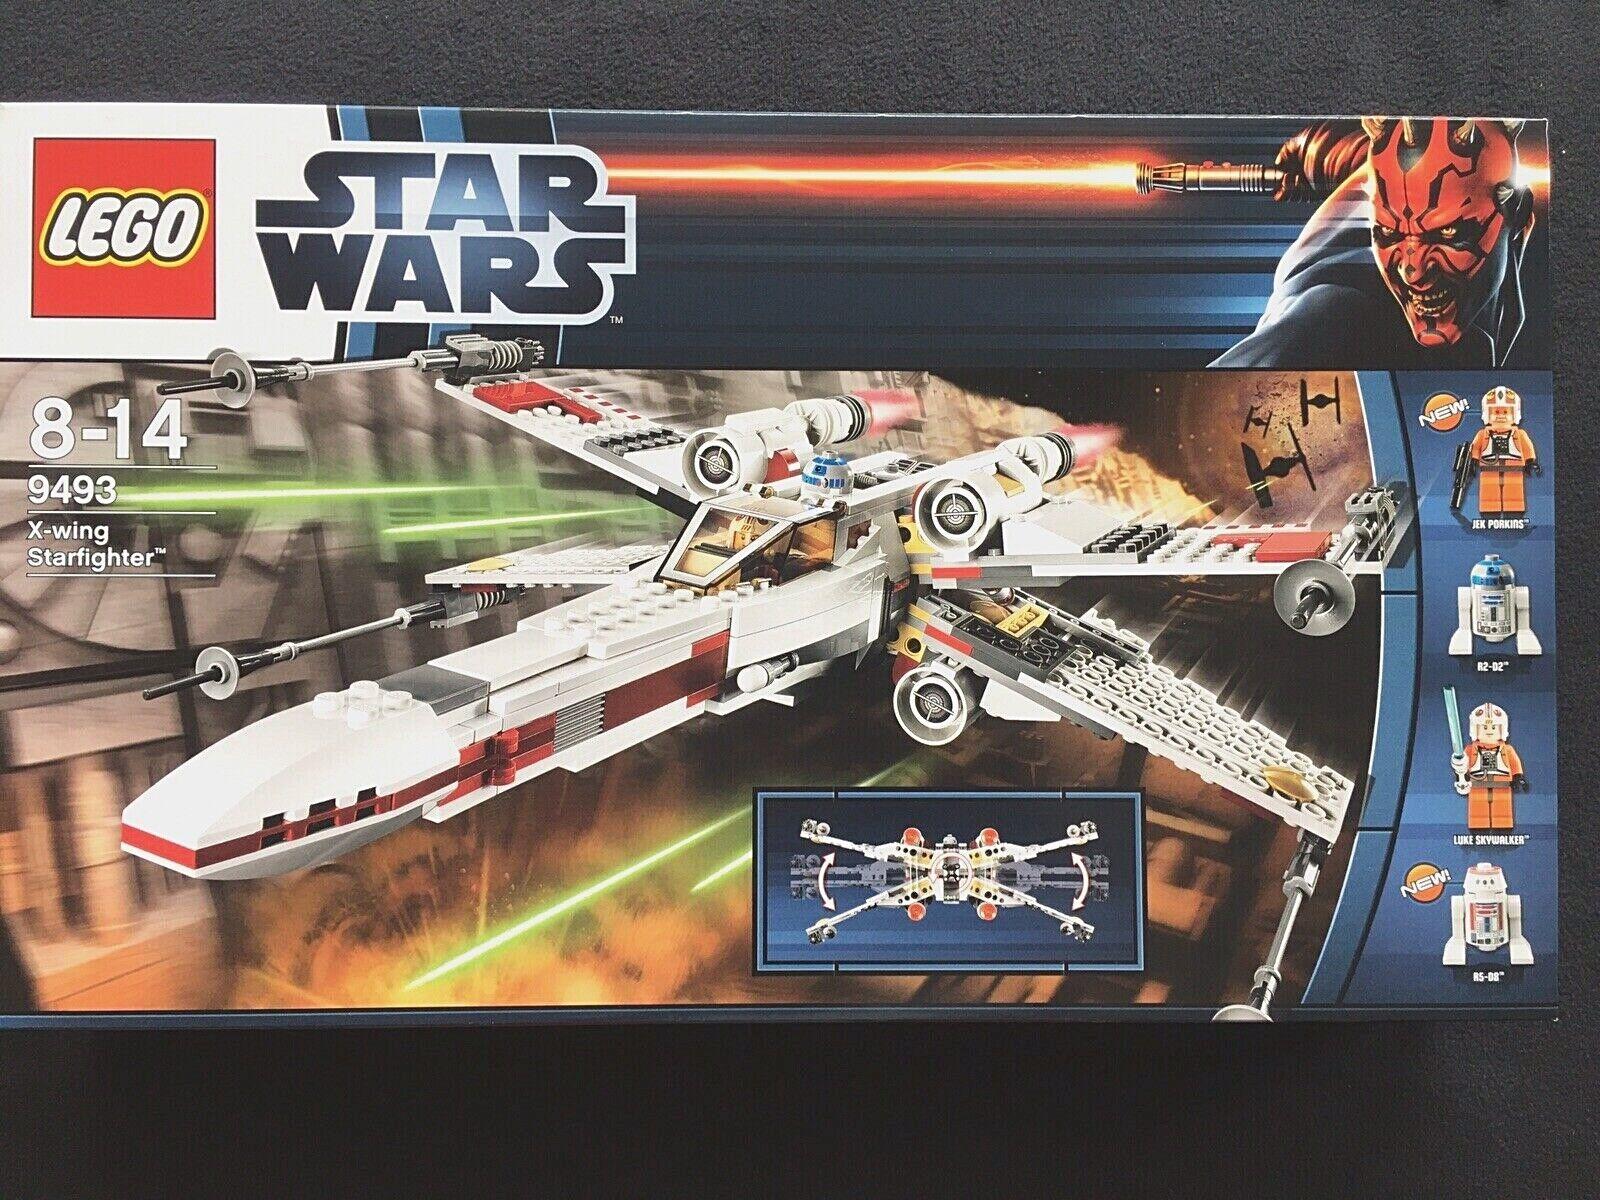 Nuevo LEGO 9493 Estrella Wars X-Wing Estrellafighter nuevo y en caja sellada completa Set retirado rara